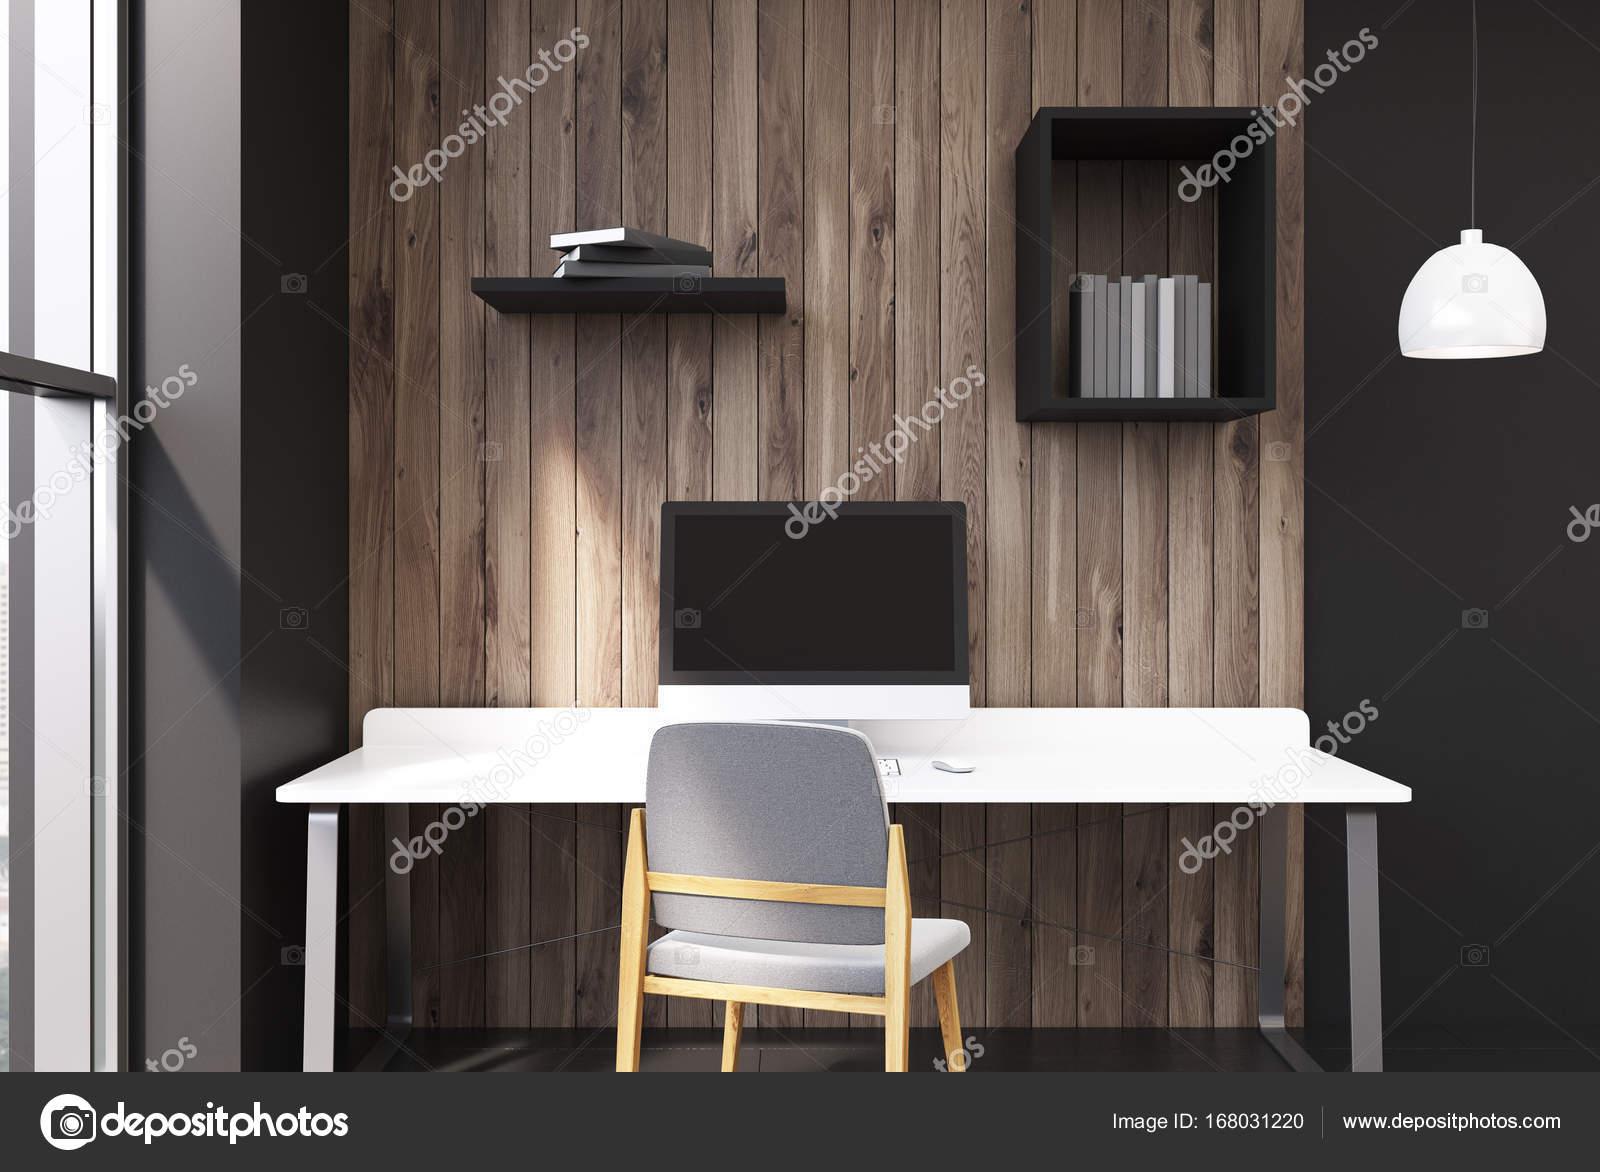 Bureau à la maison noire et en bois u2014 photographie denisismagilov